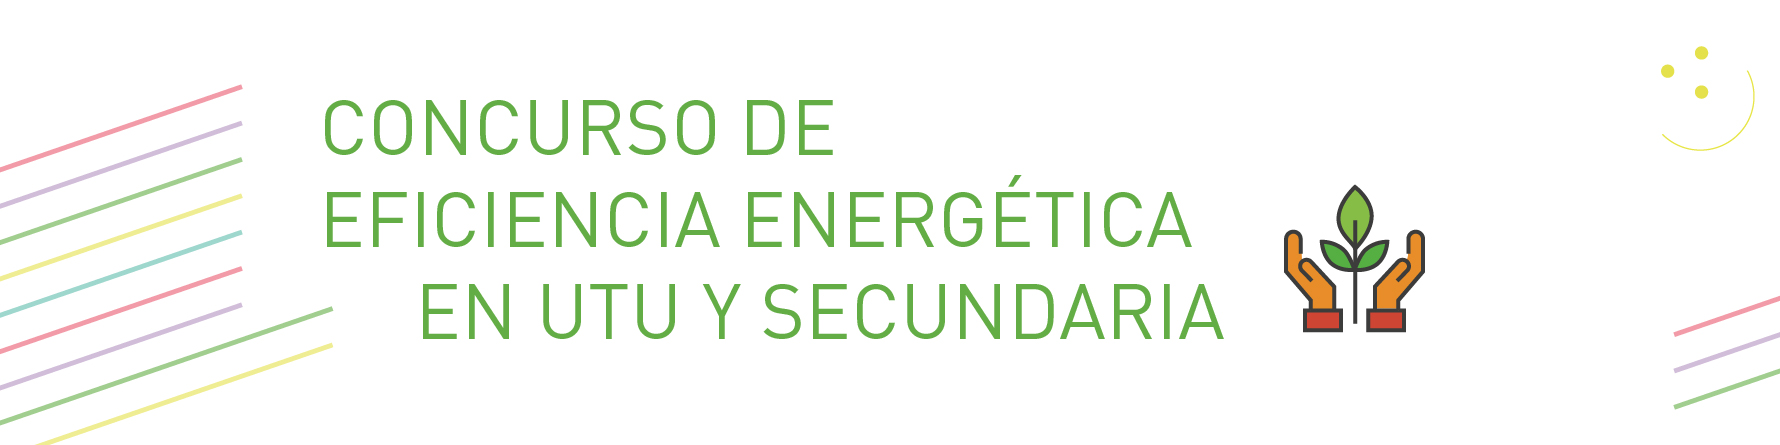 Concurso eficiencia energética en UTU y Secundaria 2017